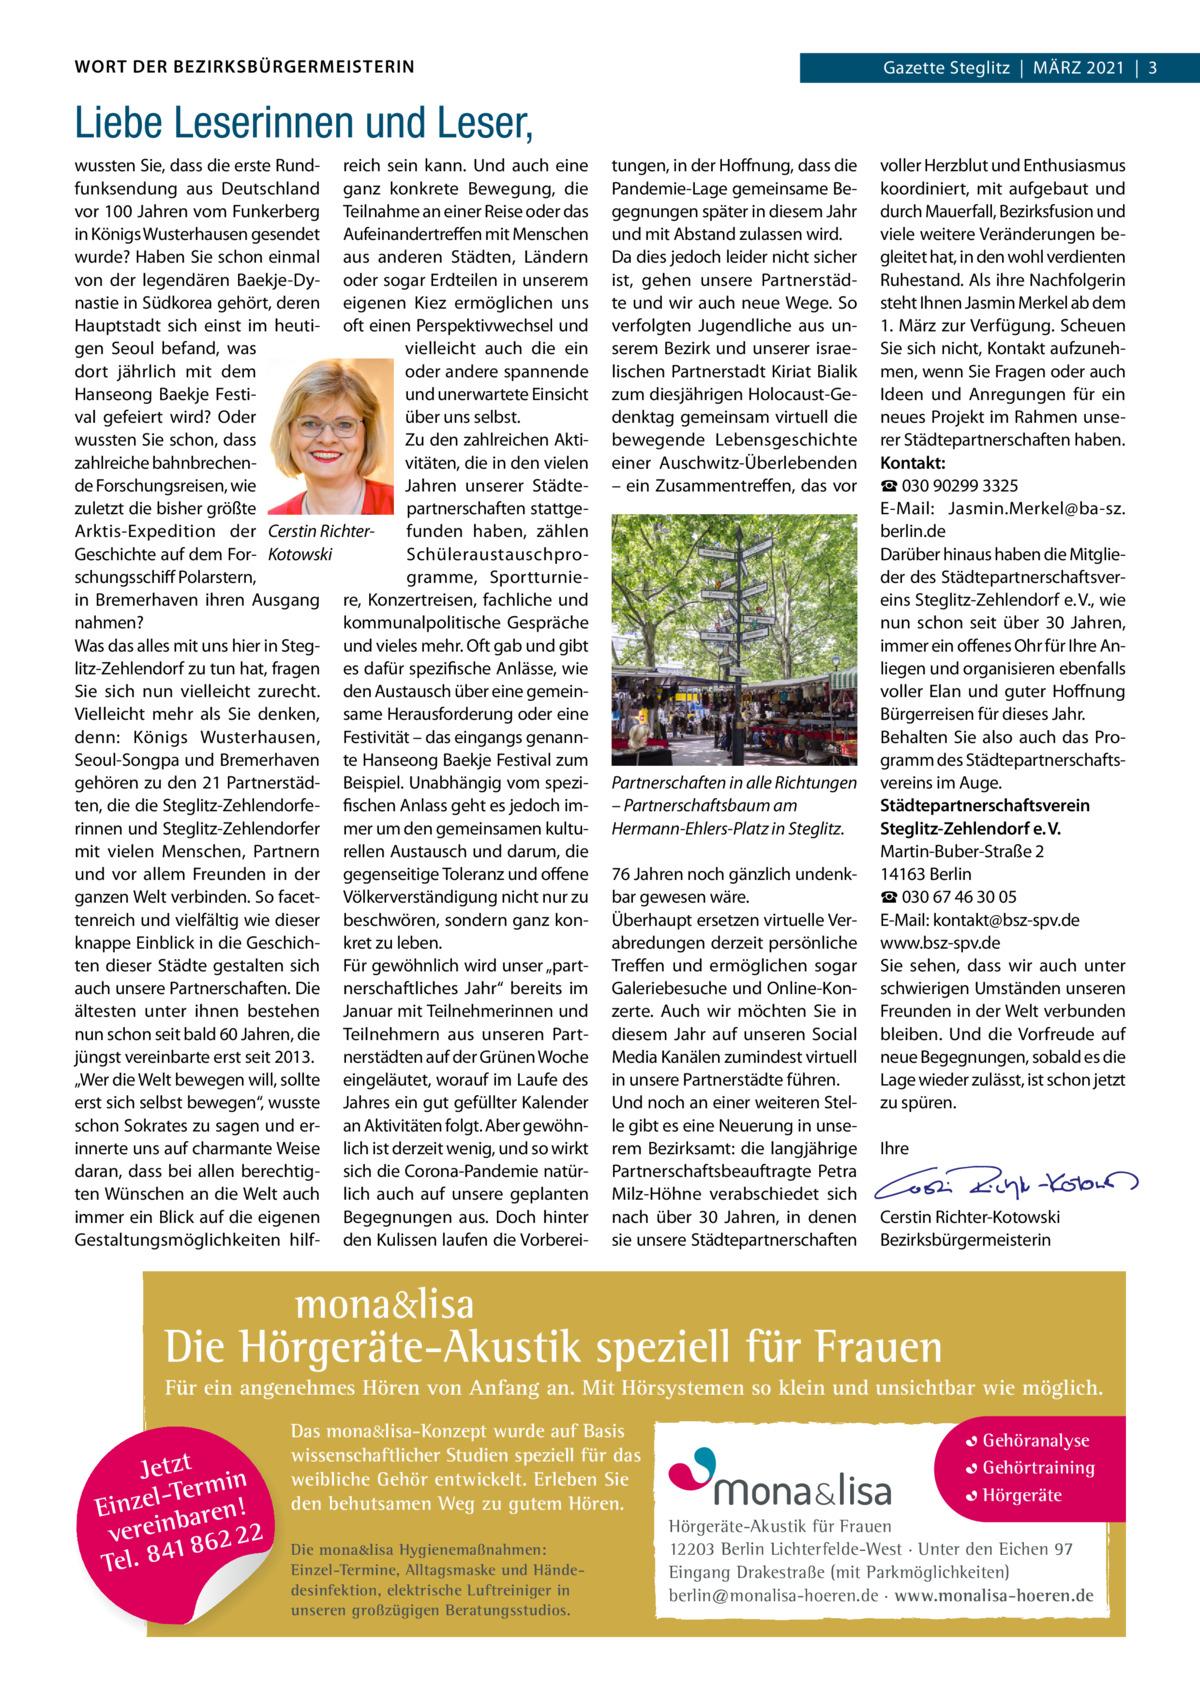 WORT DER BEZIRKSBÜRGERMEISTERIN  Gazette Gazette zehlendorf|März Steglitz|März 2021|3 2021|1  Liebe Leserinnen und Leser, wussten Sie, dass die erste rund- reich sein kann. Und auch eine funksendung aus Deutschland ganz konkrete Bewegung, die vor 100Jahren vom Funkerberg Teilnahme an einer reise oder das in Königs Wusterhausen gesendet Aufeinandertreffen mit Menschen wurde? Haben Sie schon einmal aus anderen Städten, Ländern von der legendären Baekje-Dy- oder sogar Erdteilen in unserem nastie in Südkorea gehört, deren eigenen Kiez ermöglichen uns Hauptstadt sich einst im heuti- oft einen Perspektivwechsel und vielleicht auch die ein gen Seoul befand, was oder andere spannende dort jährlich mit dem und unerwartete Einsicht Hanseong Baekje Festiüber uns selbst. val gefeiert wird? Oder wussten Sie schon, dass zu den zahlreichen Aktizahlreiche bahnbrechenvitäten, die in den vielen de Forschungsreisen, wie Jahren unserer Städtezuletzt die bisher größte partnerschaften stattgeArktis-Expedition der Cerstin Richterfunden haben, zählen Geschichte auf dem For- Kotowski Schüleraustauschproschungsschiff Polarstern, gramme, Sportturniein Bremerhaven ihren Ausgang re, Konzertreisen, fachliche und nahmen? kommunalpolitische Gespräche Was das alles mit uns hier in Steg- und vieles mehr. Oft gab und gibt litz-zehlendorf zu tun hat, fragen es dafür spezifische Anlässe, wie Sie sich nun vielleicht zurecht. den Austausch über eine gemeinVielleicht mehr als Sie denken, same Herausforderung oder eine denn: Königs Wusterhausen, Festivität – das eingangs genannSeoul-Songpa und Bremerhaven te Hanseong Baekje Festival zum gehören zu den 21Partnerstäd- Beispiel. Unabhängig vom speziten, die die Steglitz-zehlendorfe- fischen Anlass geht es jedoch imrinnen und Steglitz-zehlendorfer mer um den gemeinsamen kultumit vielen Menschen, Partnern rellen Austausch und darum, die und vor allem Freunden in der gegenseitige Toleranz und offene ganzen Welt verbinden. So facet- Völkerverständigung nicht nur 